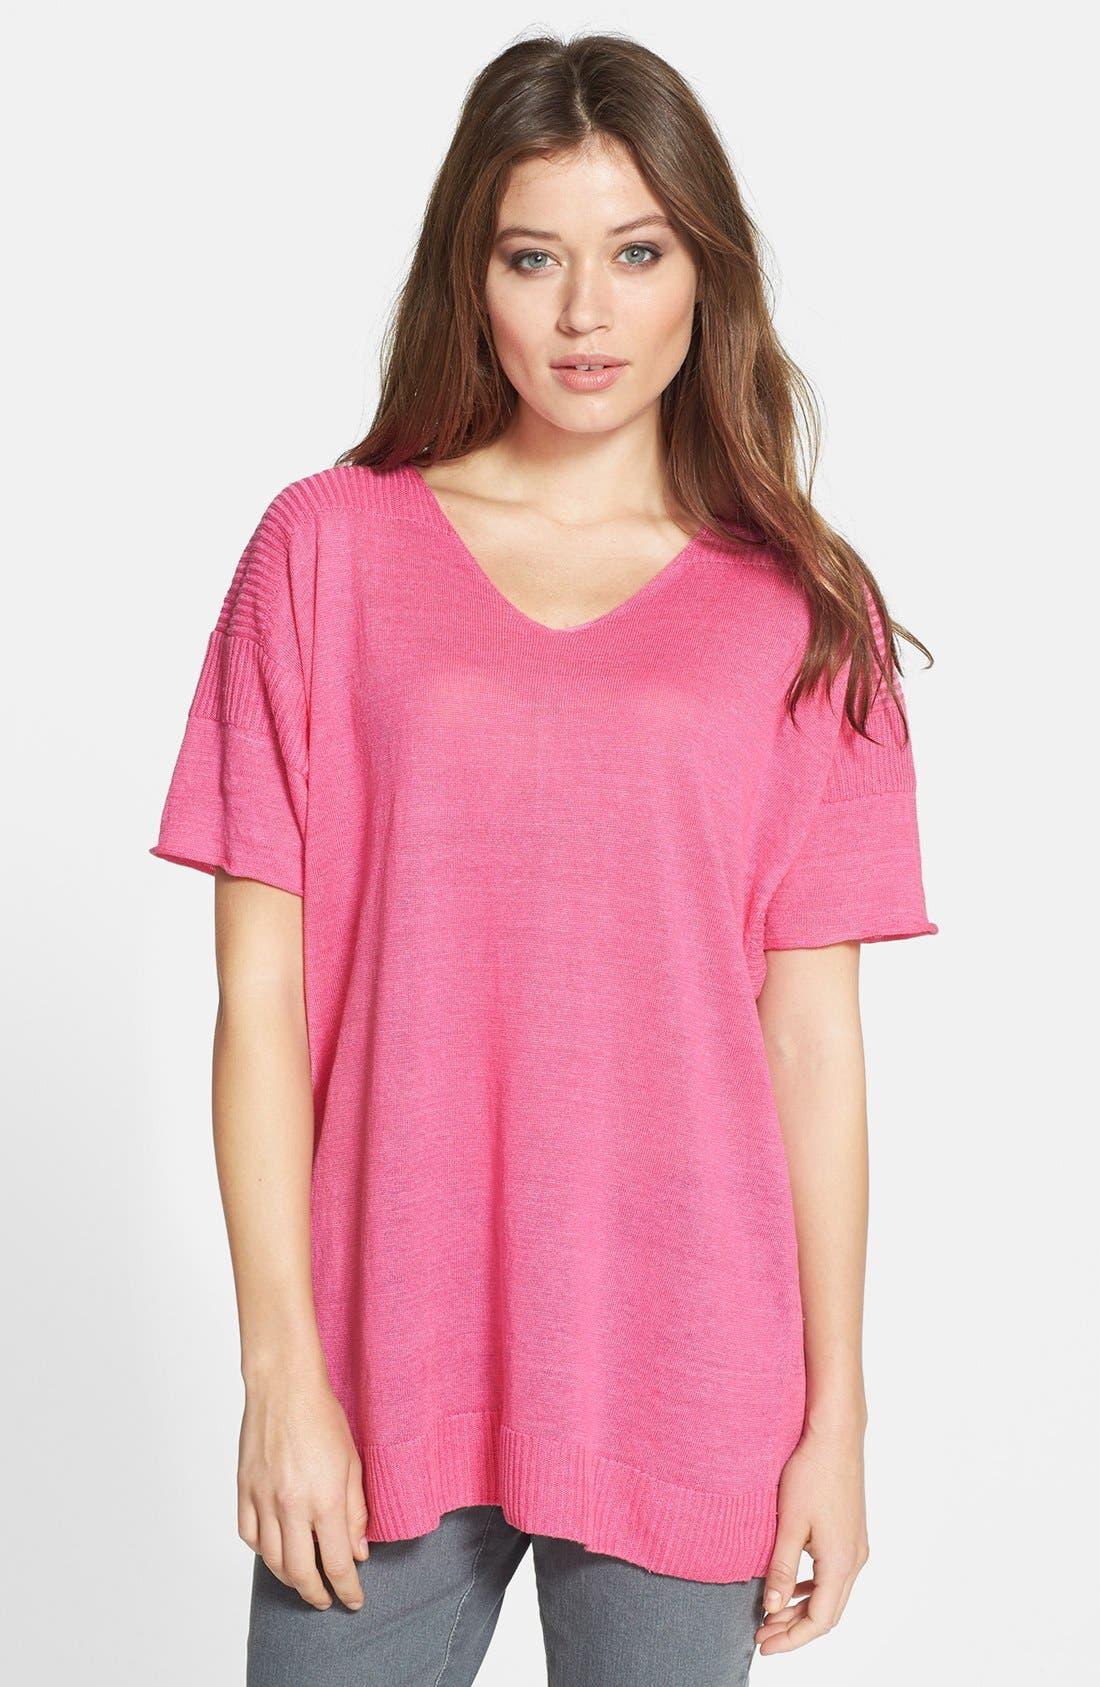 Alternate Image 1 Selected - Lafayette 148 New York Oversized Linen V-Neck Sweater